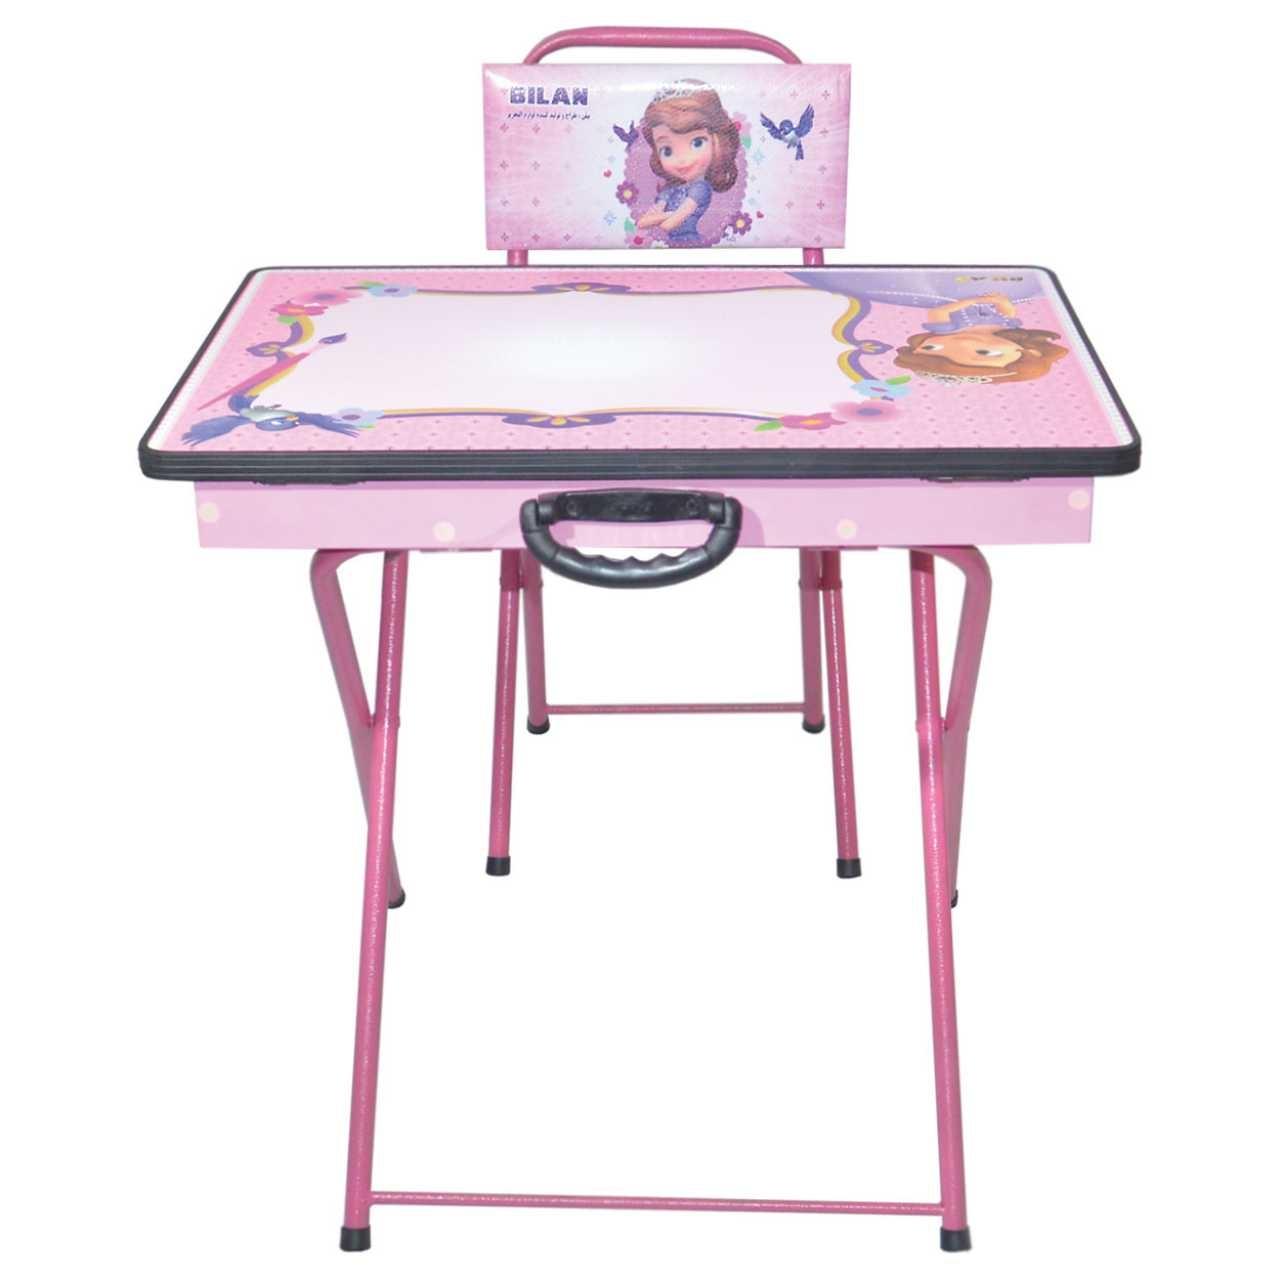 میز و صندلی  تحریر تاشو بیلن مدل M1-طرح Cinderella